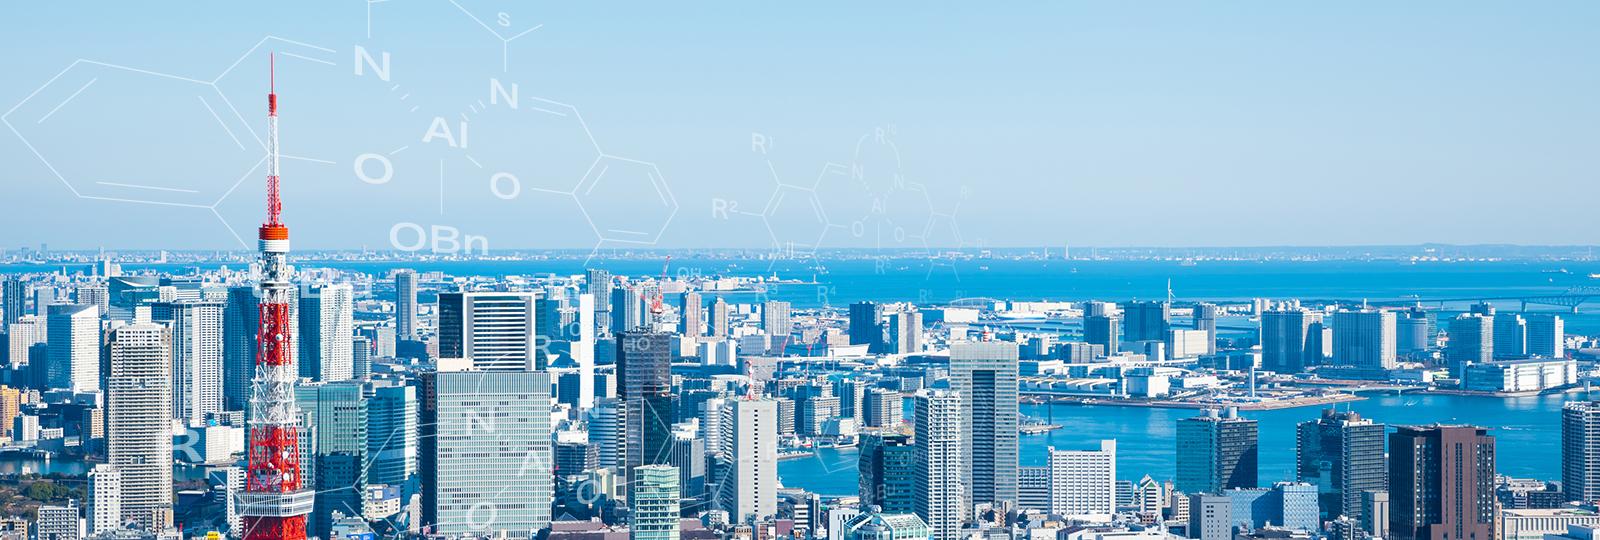 三井化学ファインはお客様に「ベスト・ソリューション」を提供し、「安心・信頼できるベスト・パートナー」を目指します。